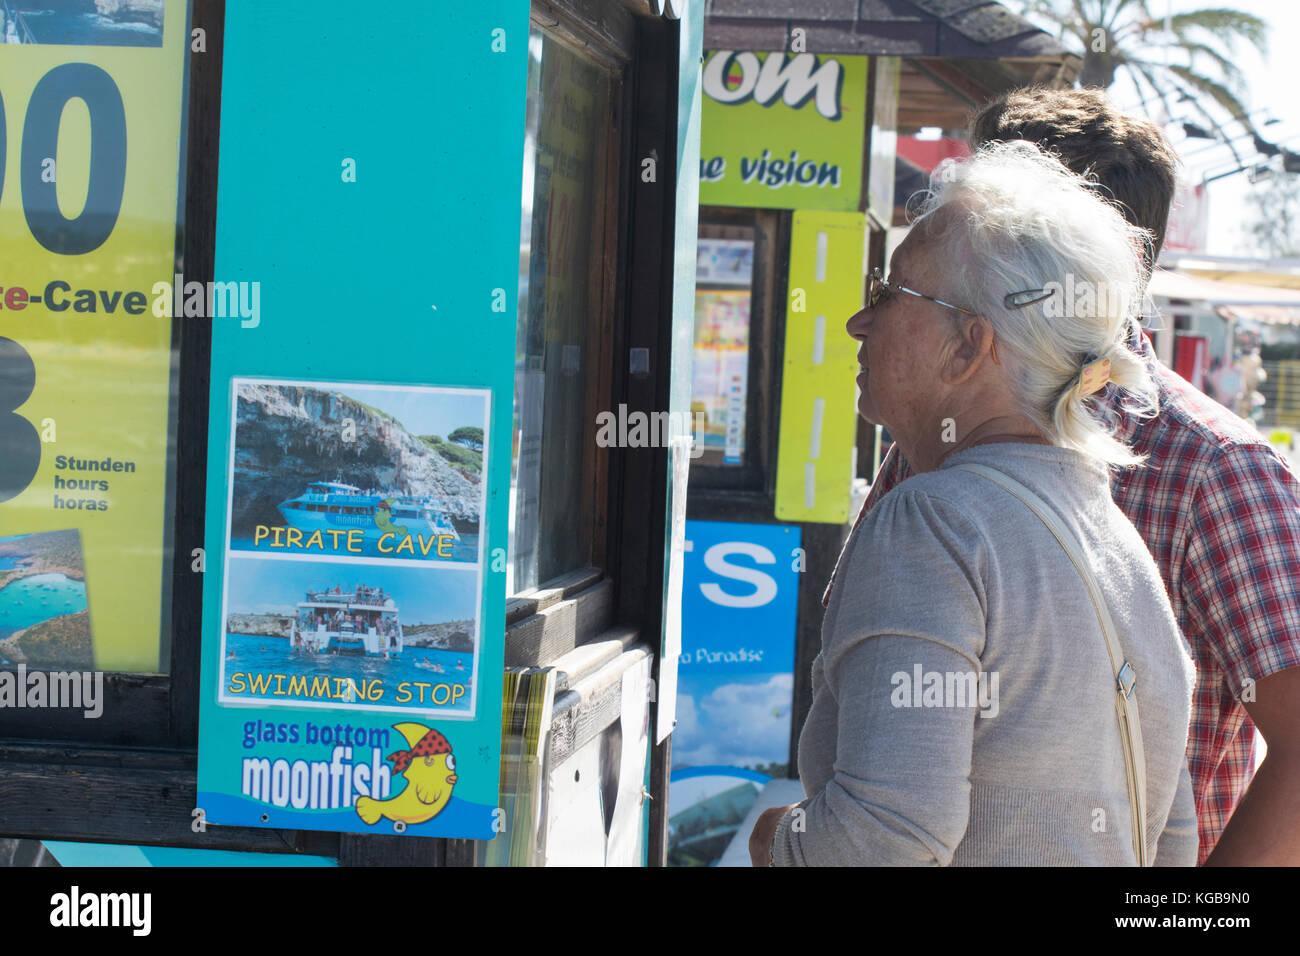 Jeune homme et sa grand-mère par la mer, Mallorca, Espagne Banque D'Images